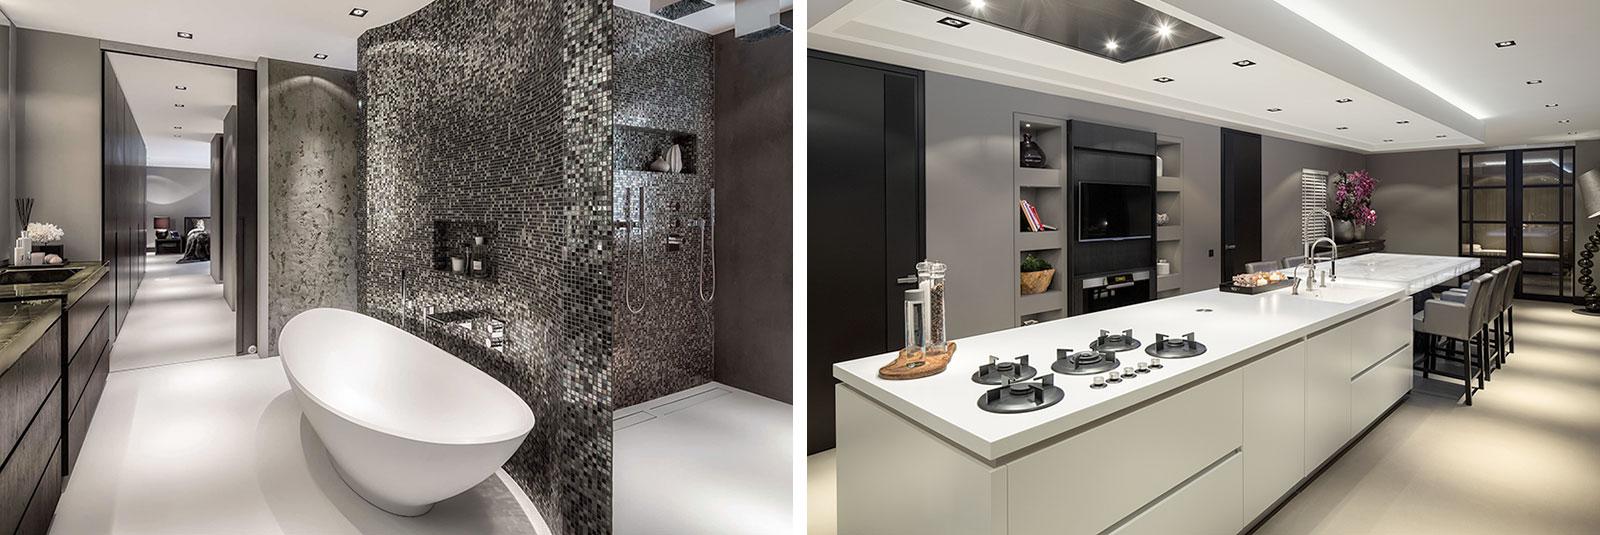 Badkamer keuken digtotaal - Badkamers ...